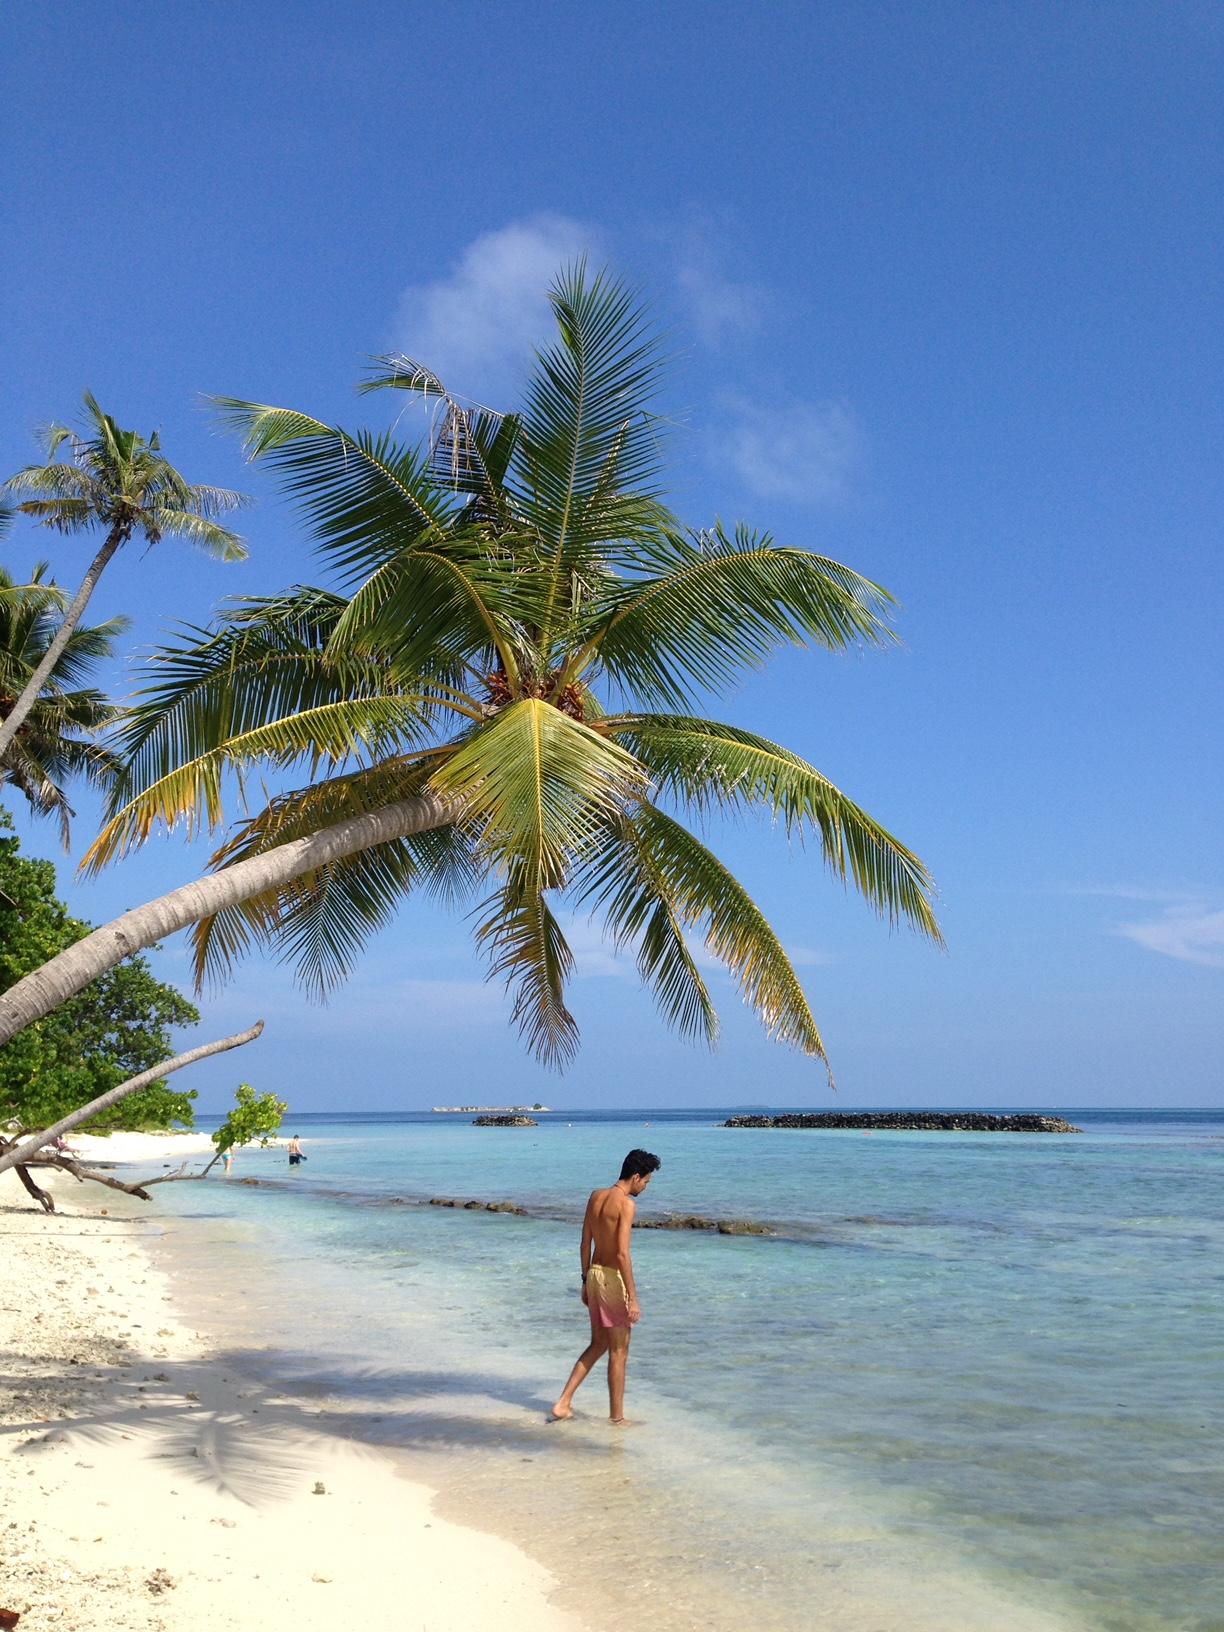 Viajar de mochilero a Maldivas